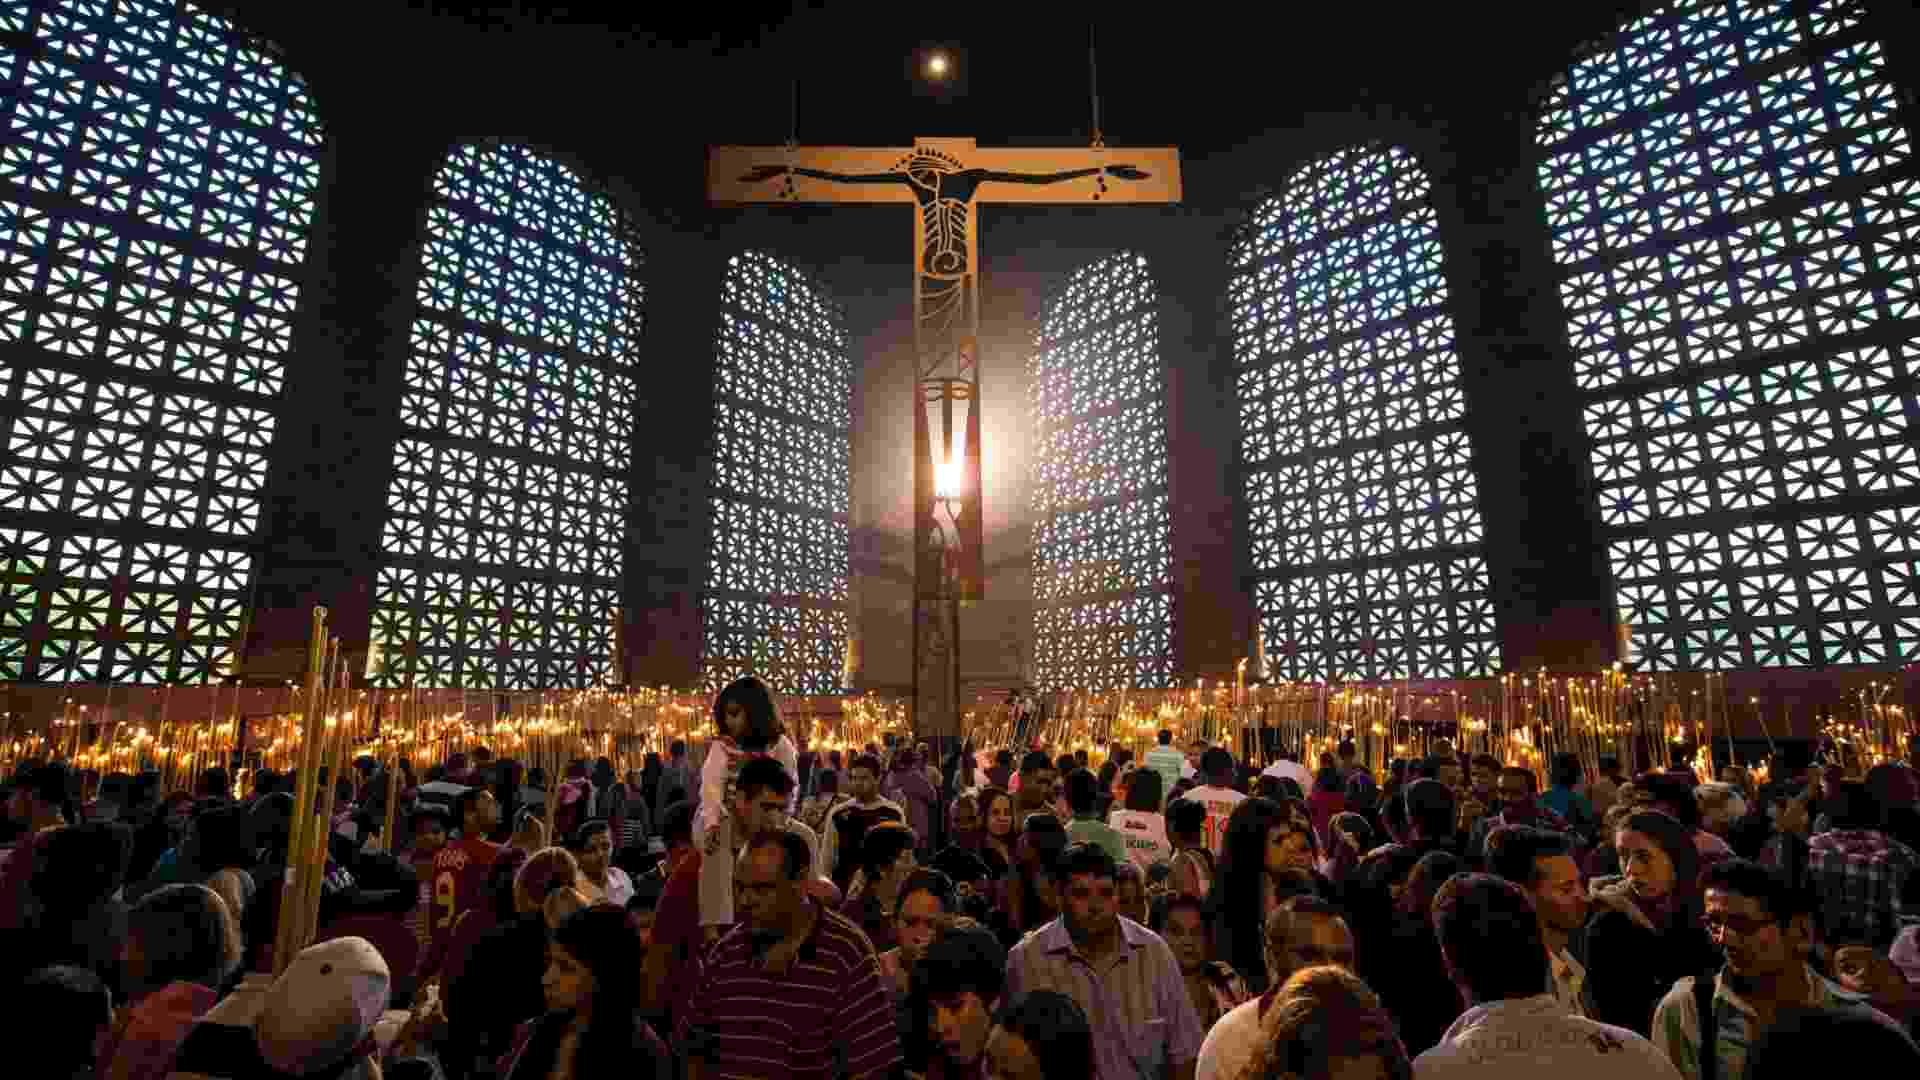 12.aut.2012 - Fiéis acompanham a missa em homenagem à padroeira do Brasil na Basílica de Nossa Senhora, em Aparecida, interior de São Paulo - Yasuyoshi Chiba/AFP